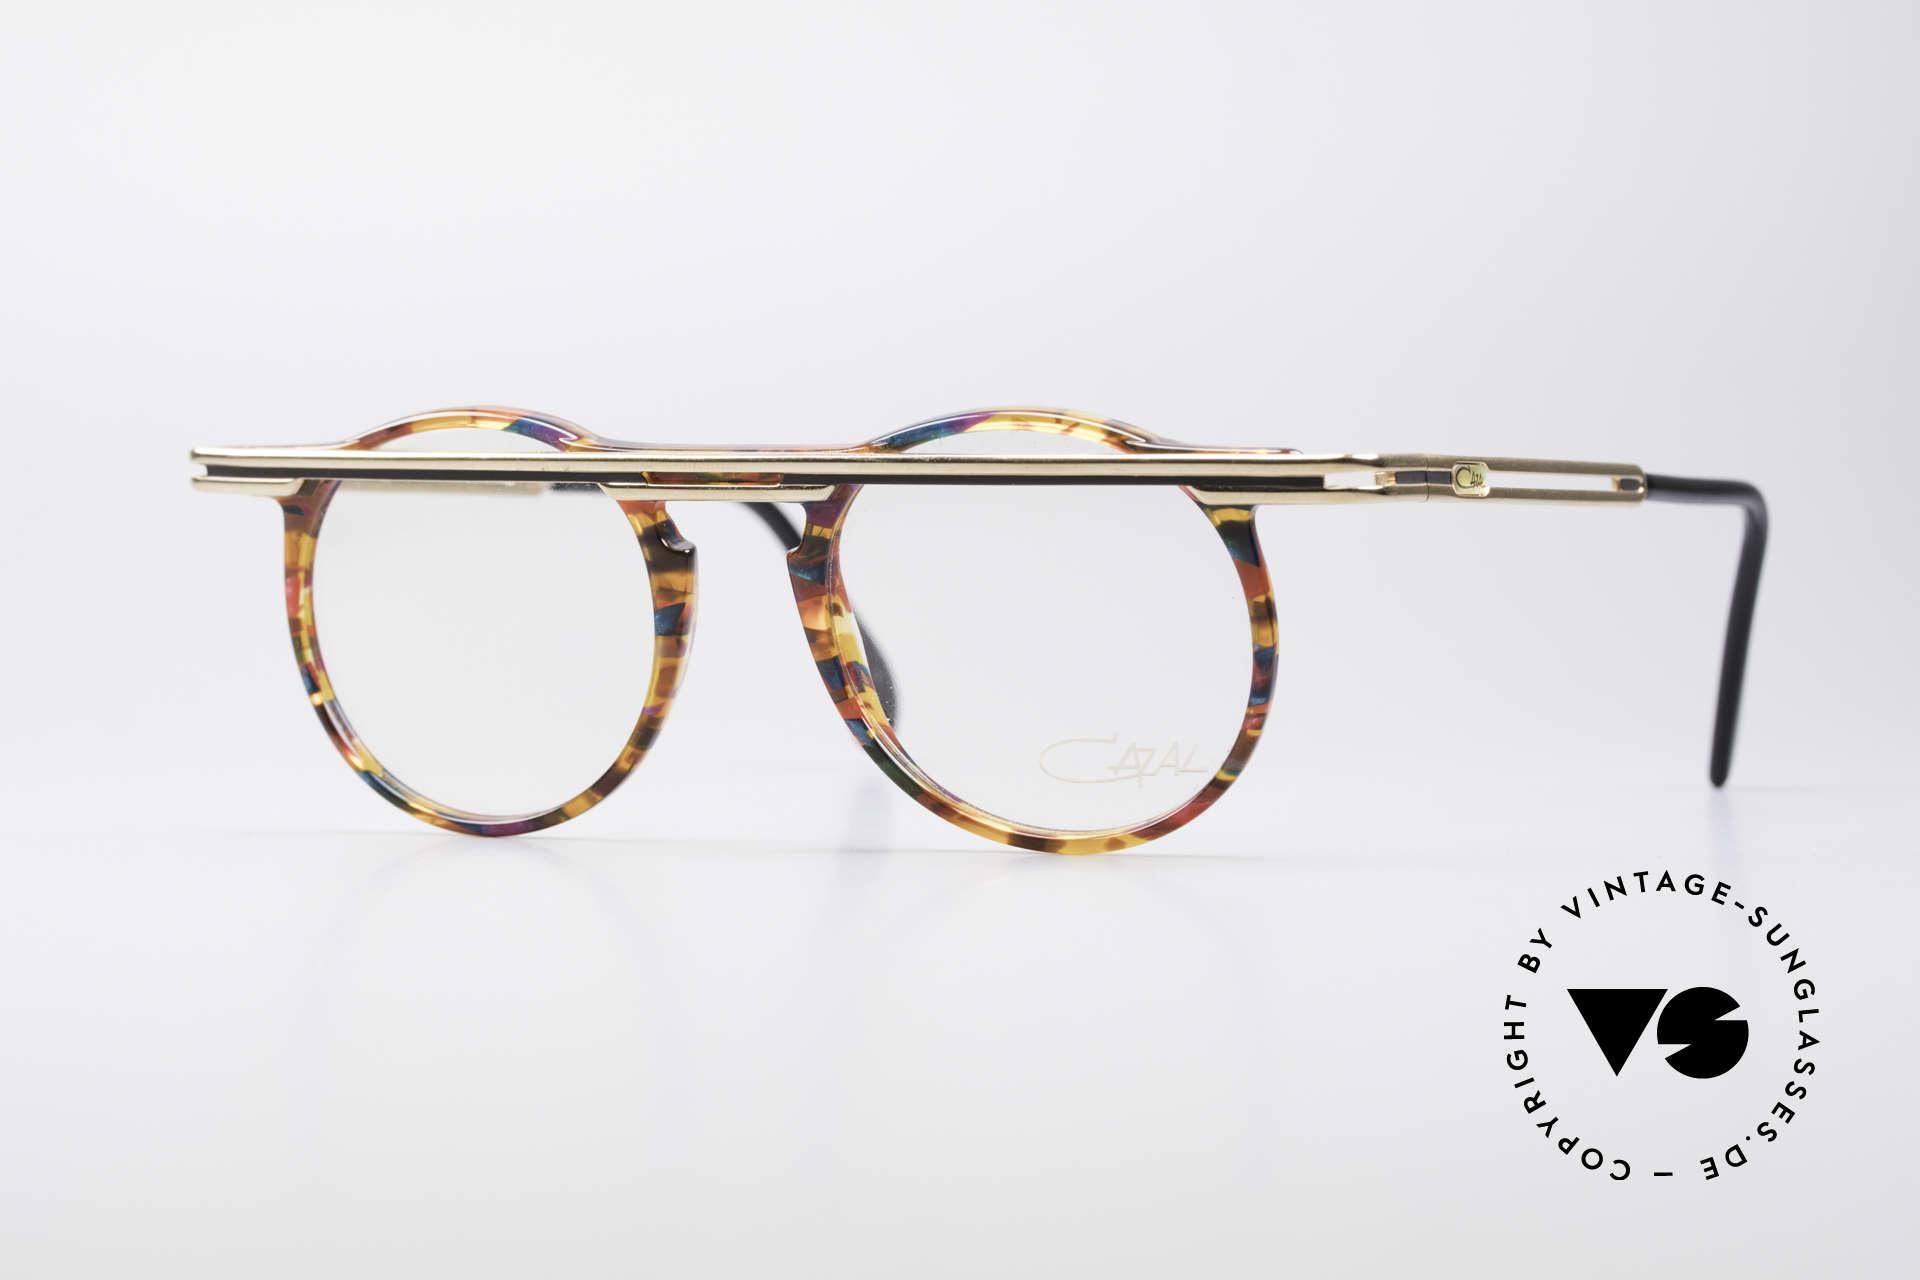 Cazal 648 Original Cari Zalloni Brille, außergerwöhnliche Cazal vintage Brille von 1990, Passend für Herren und Damen